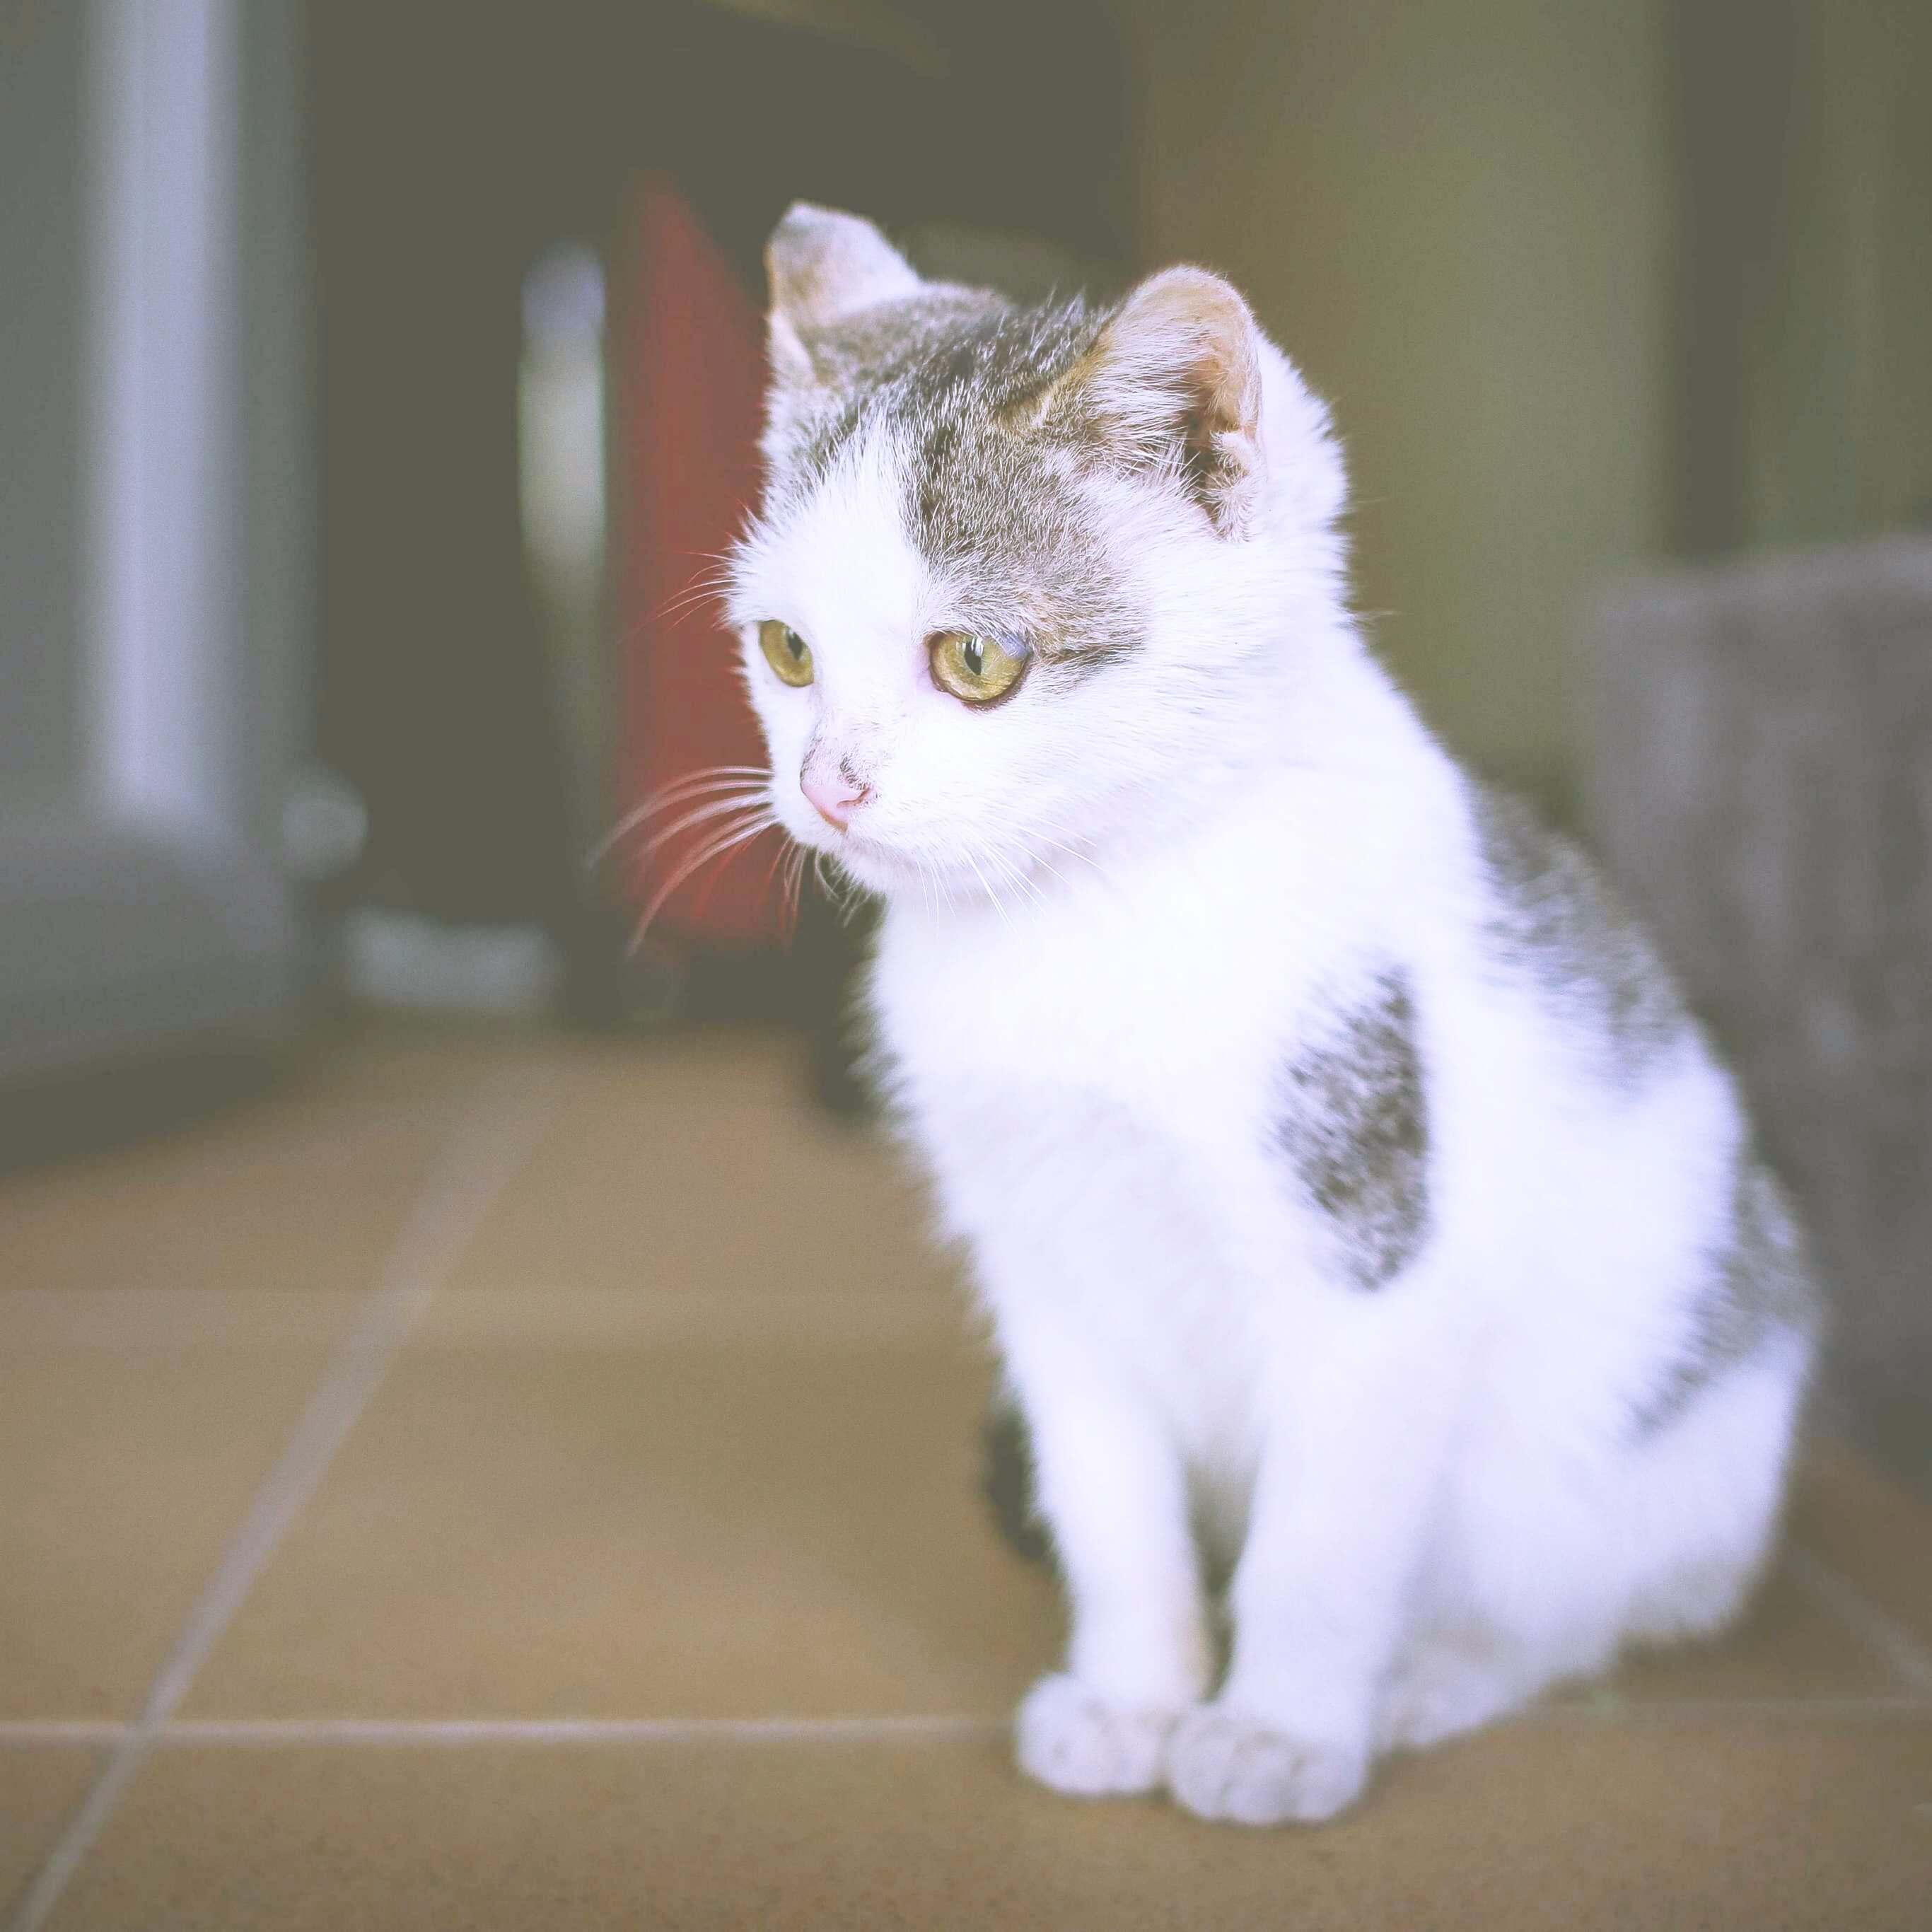 ぼーっとしてる猫